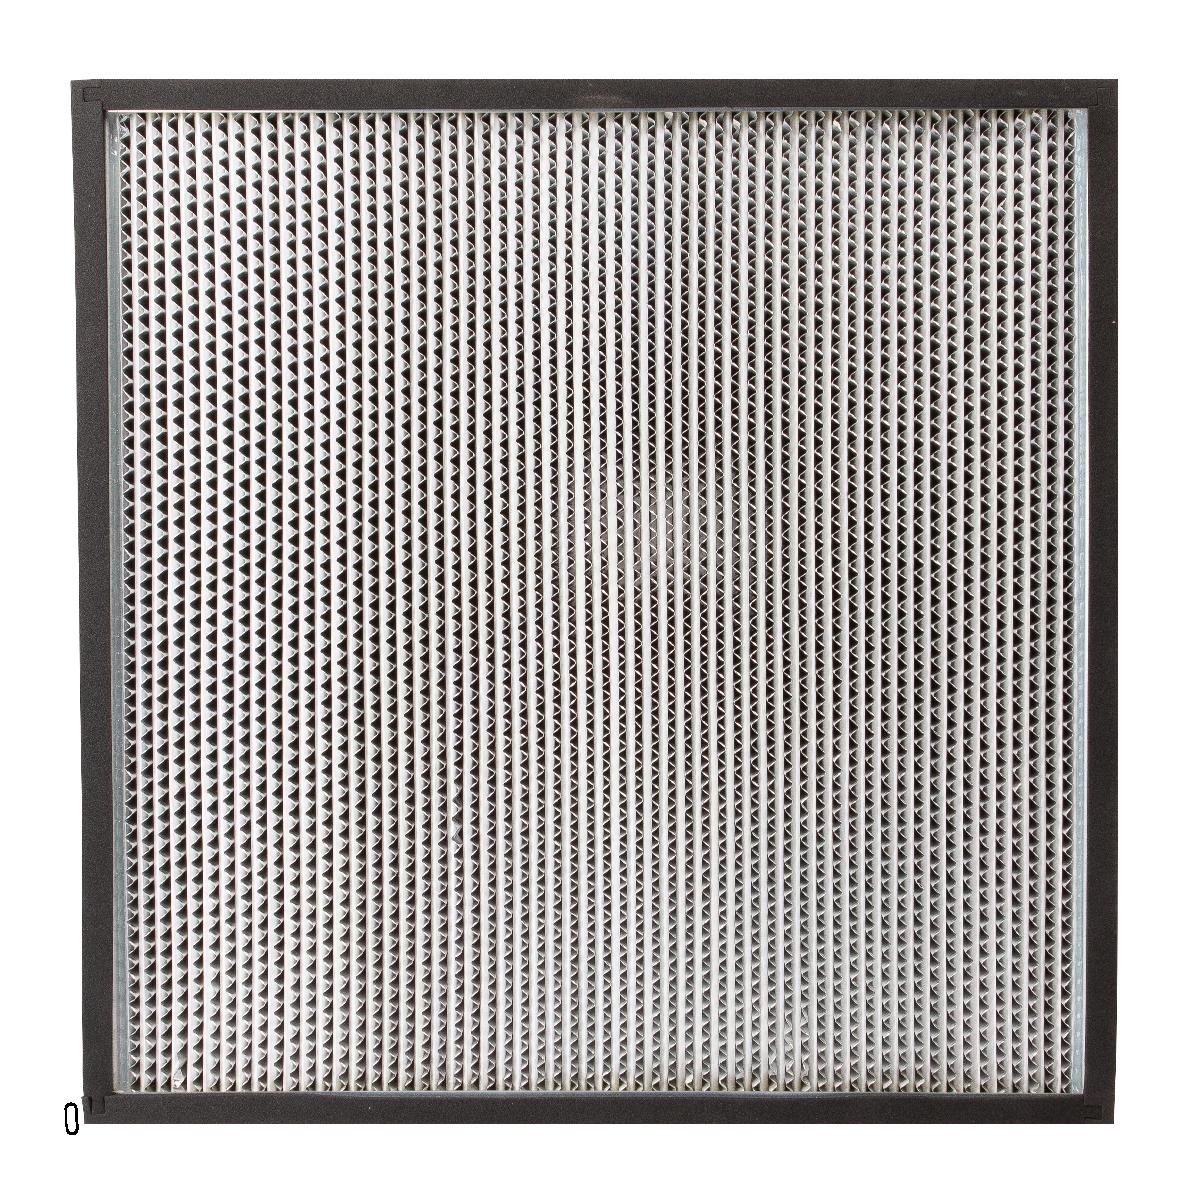 24x24x11 1/2 - Box